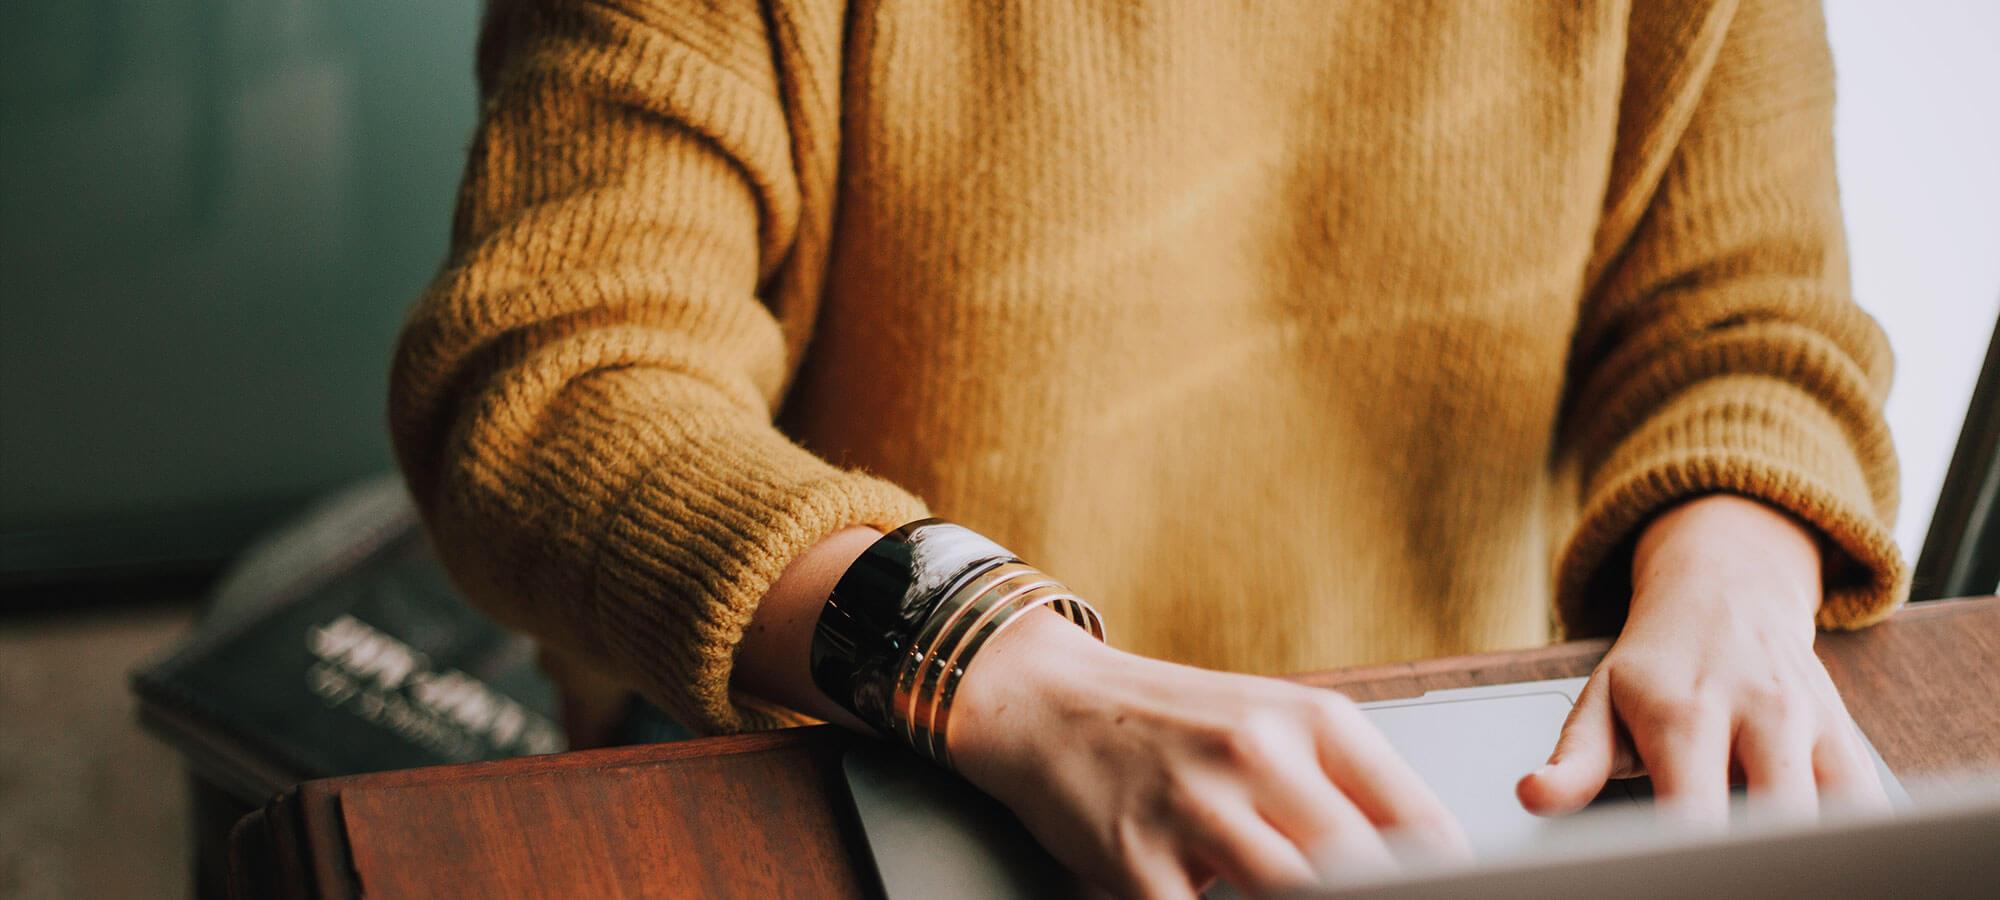 585a37c3 Hvordan ta kontakt når kunden ikke betaler? | Faktura | Conta.no